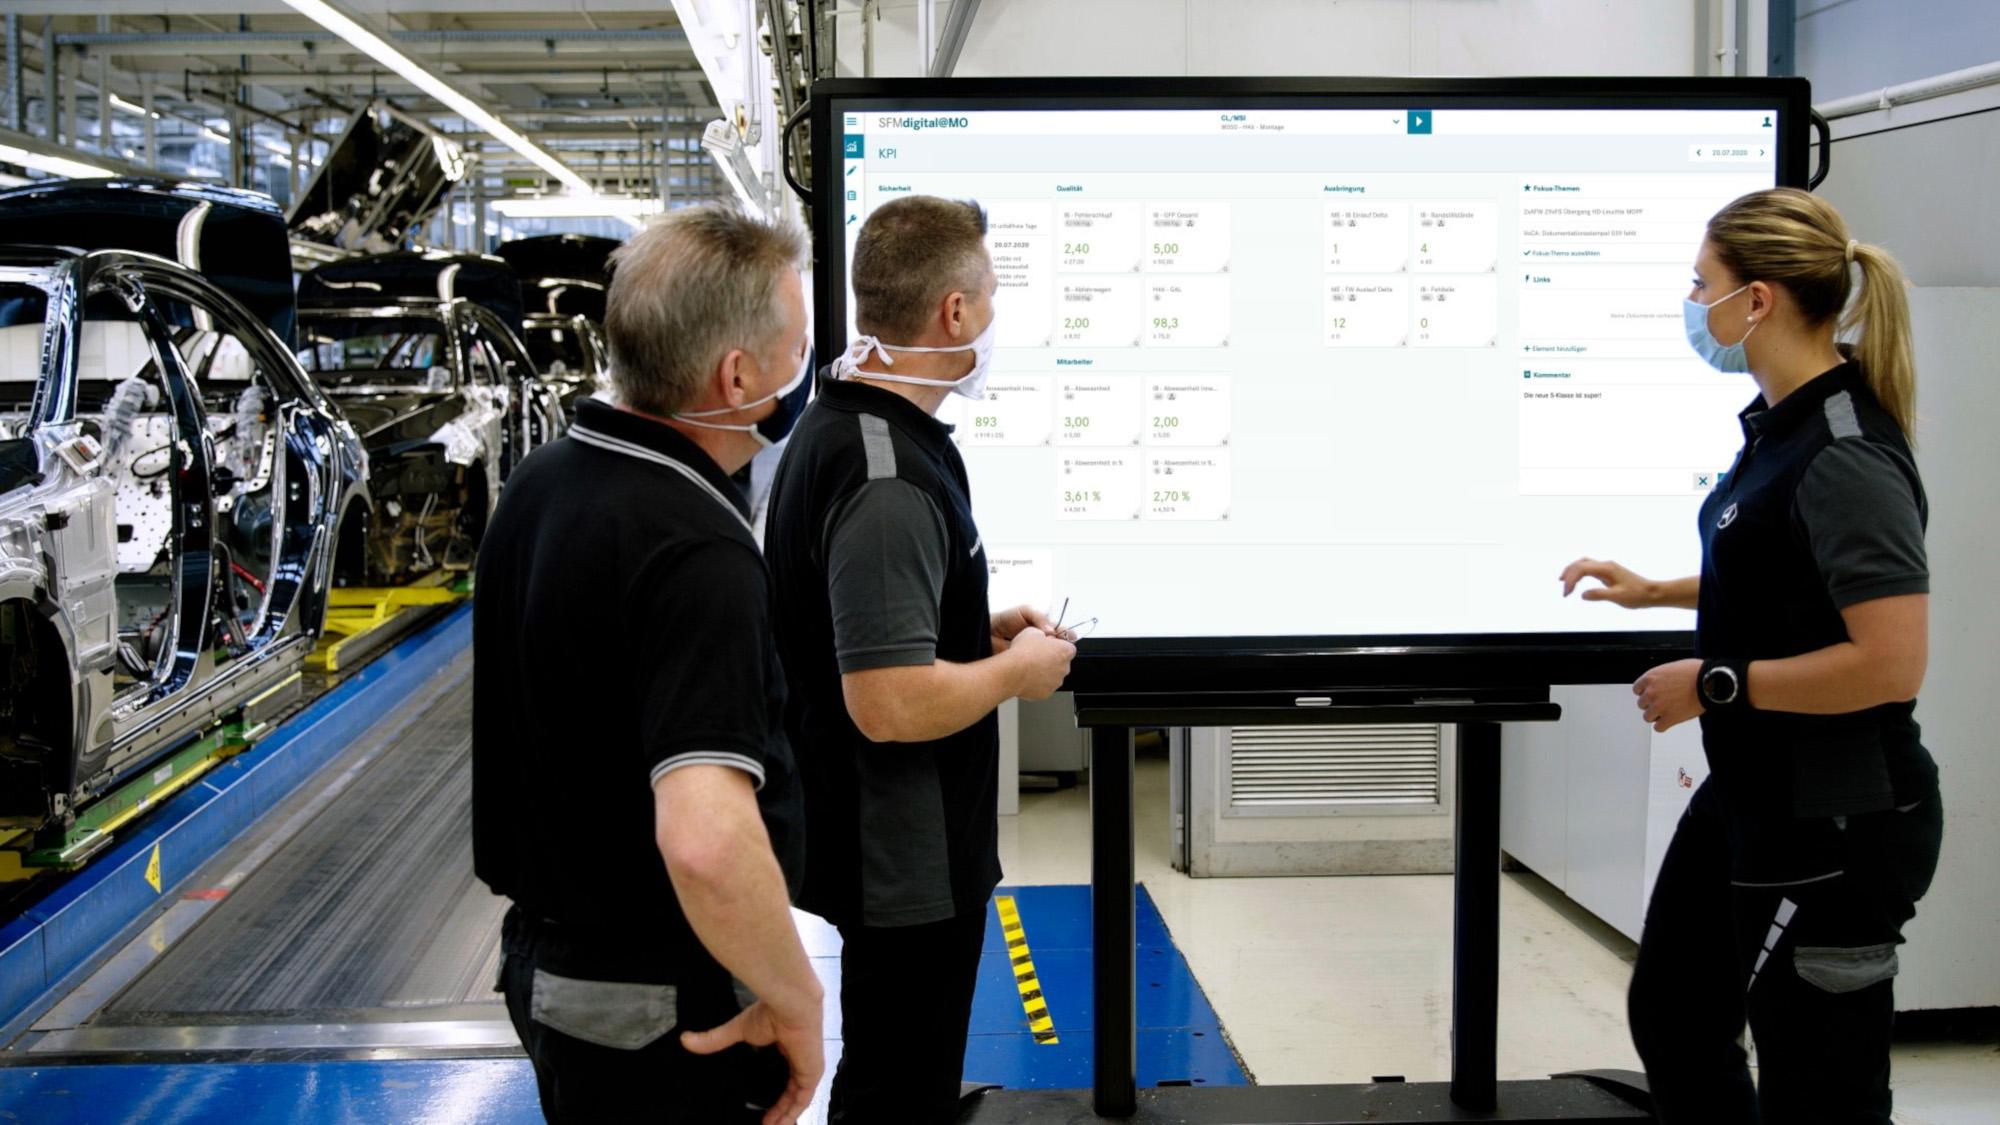 Digitales Mercedes-Benz Produktions-Ökosystem MO360: Das Tool Shopfloormanagement zeigt produktions- und steuerungsrelevante Kennzahlen an. (Bild: Daimler AG)